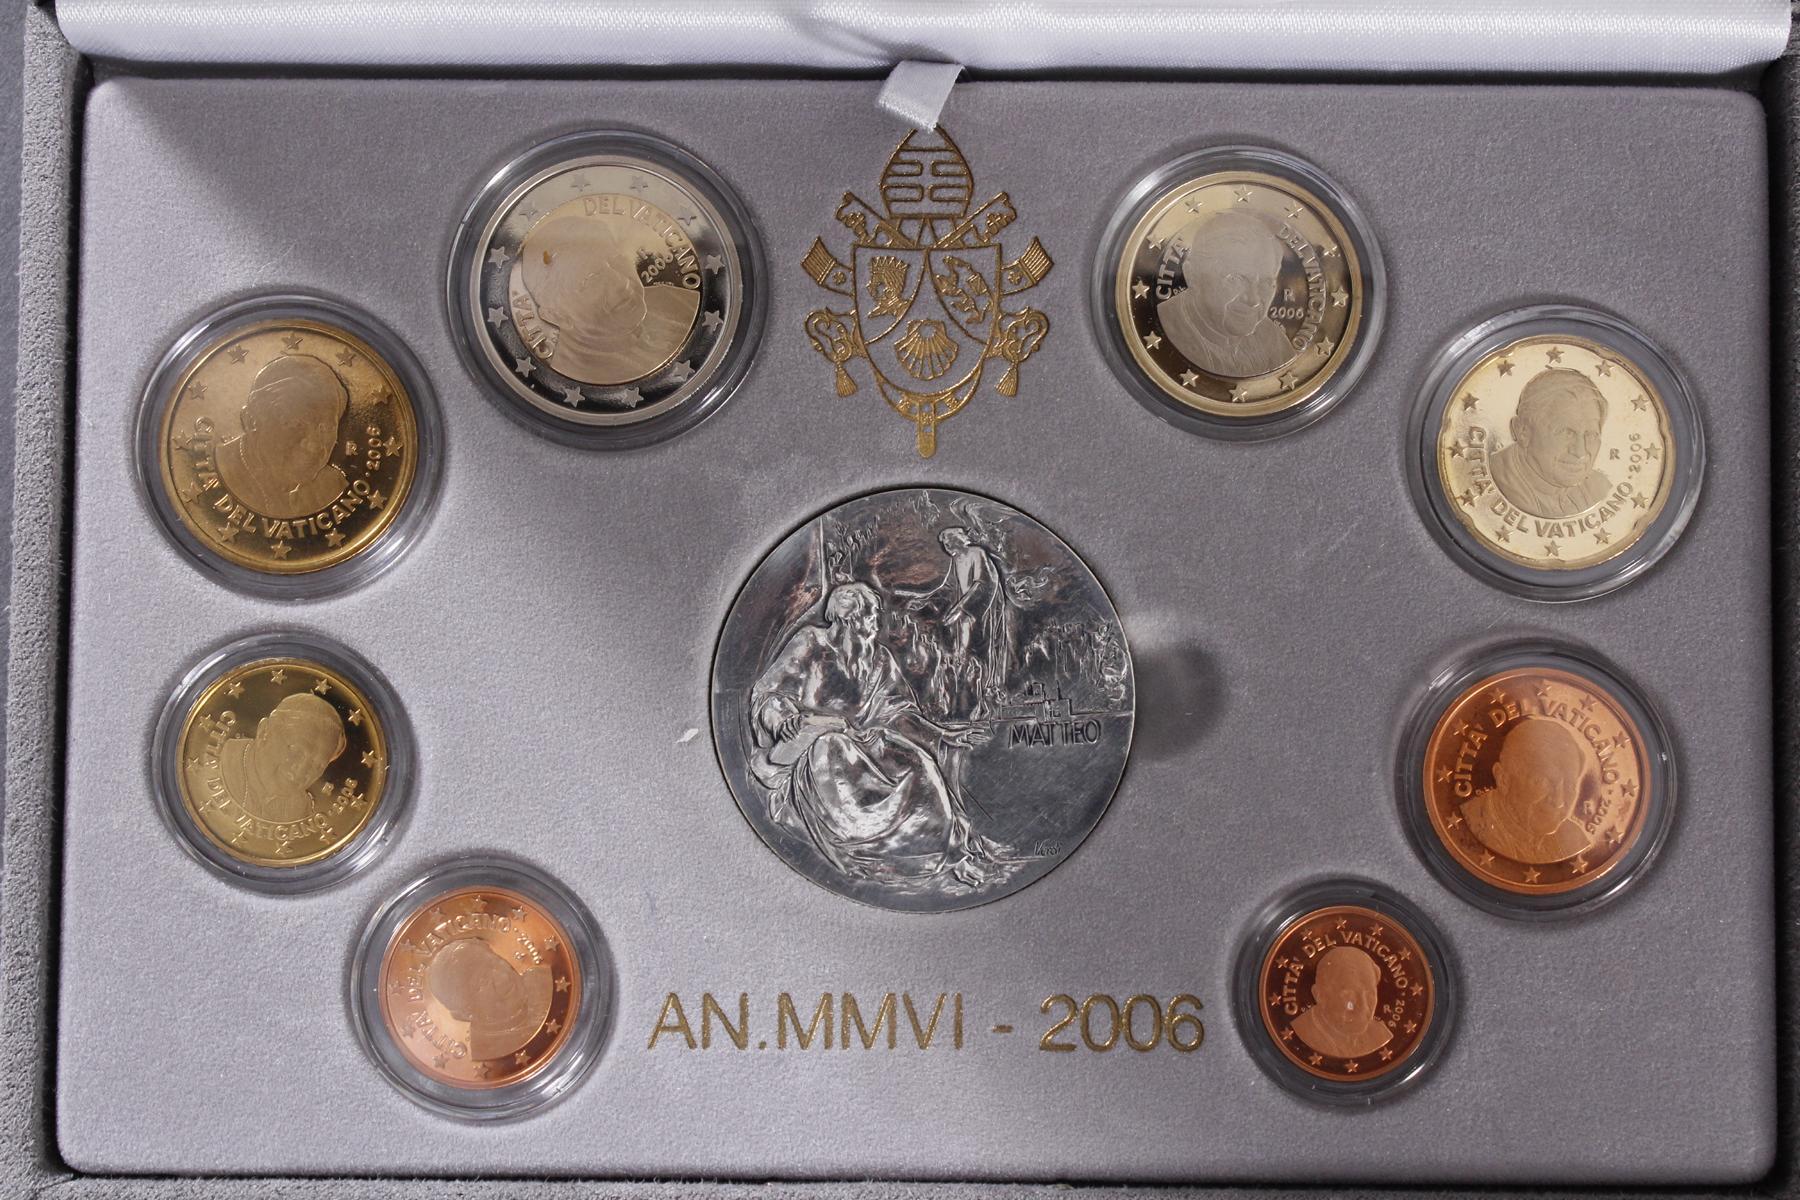 Vatikan Kursmünzensatz 2006 und 1000 Lire 1978-3